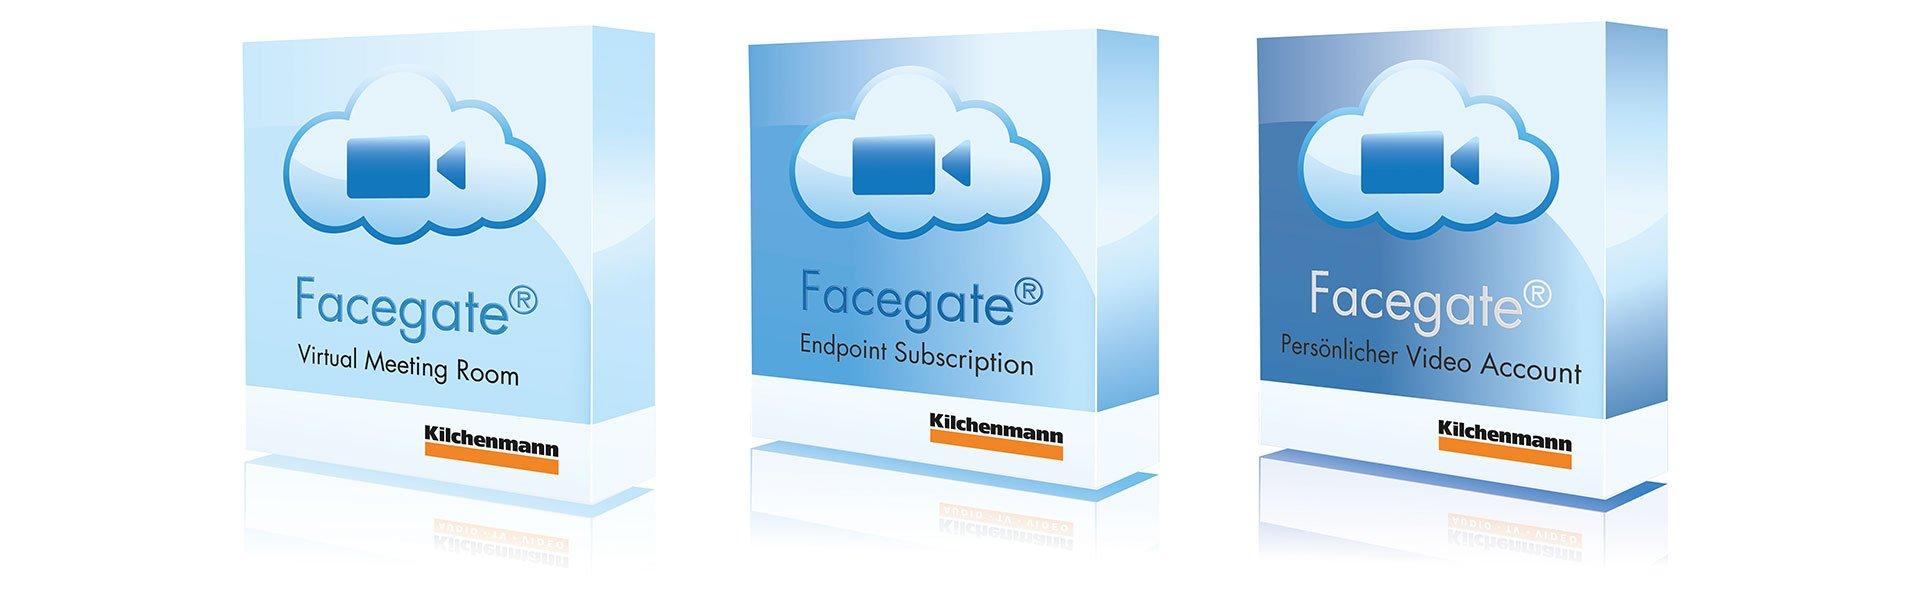 Drei verschiedene Facegate Produktepackete neben einander aufgestellt